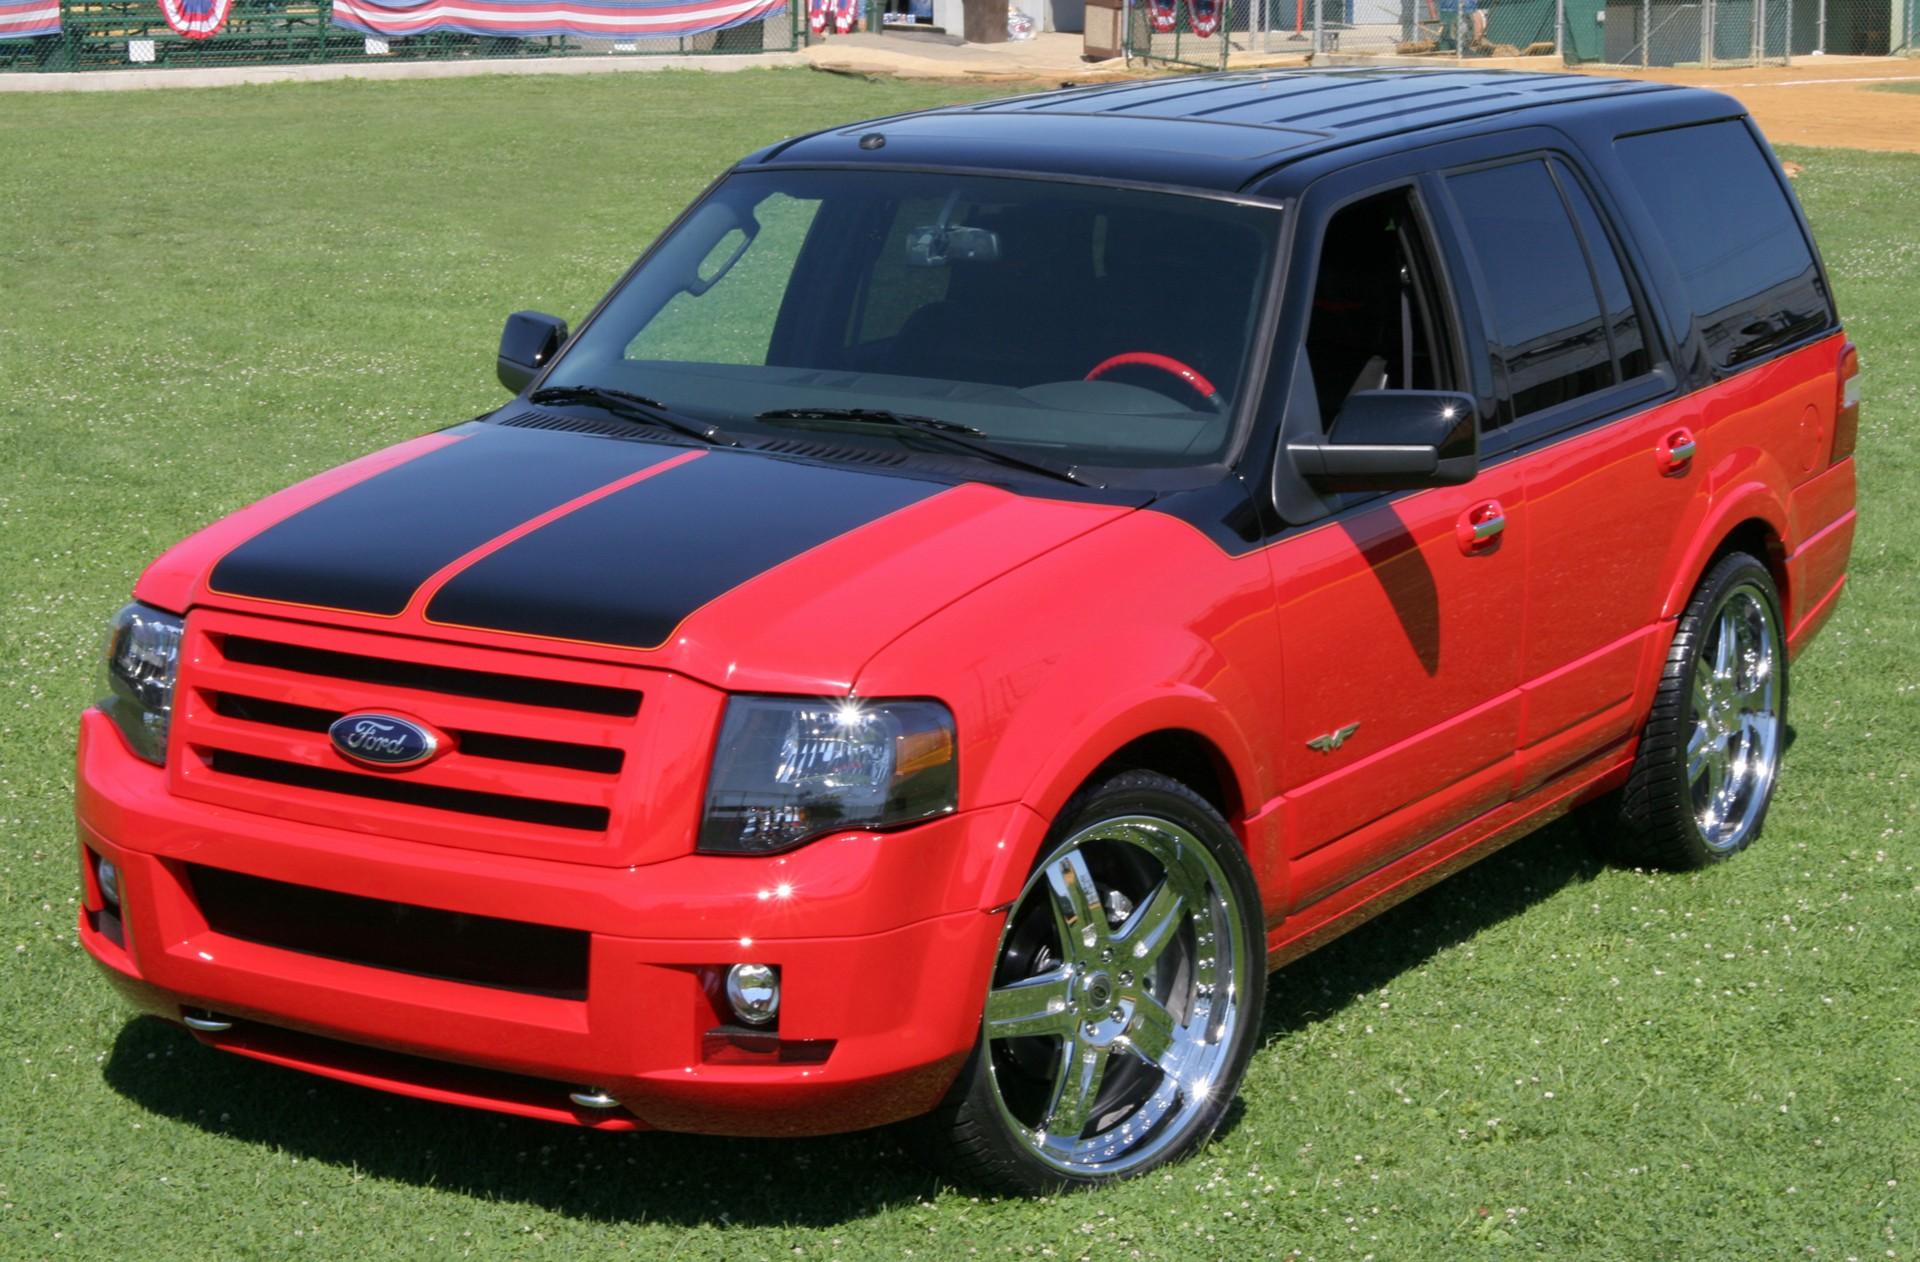 2007 Ford Expedition Funkmaster Flex Concept Conceptcarz Com